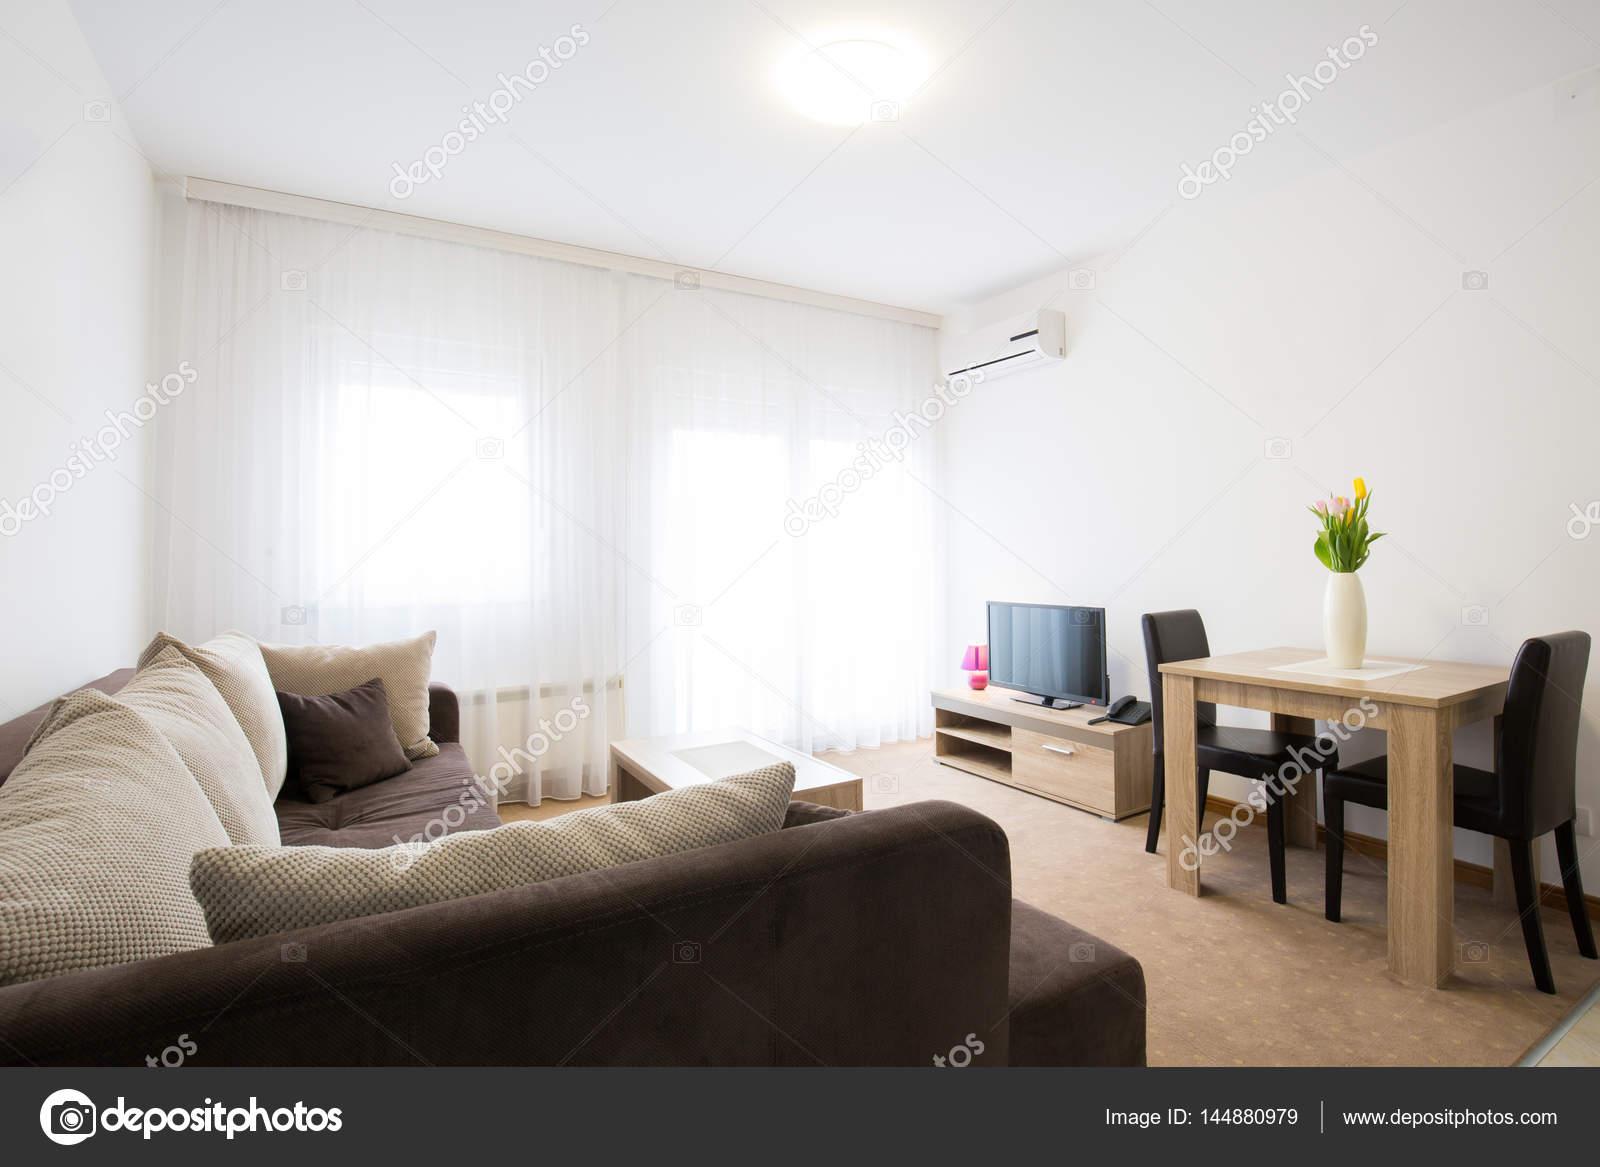 Wohnzimmer Wohnung Innenarchitektur — Stockfoto © rilueda #144880979